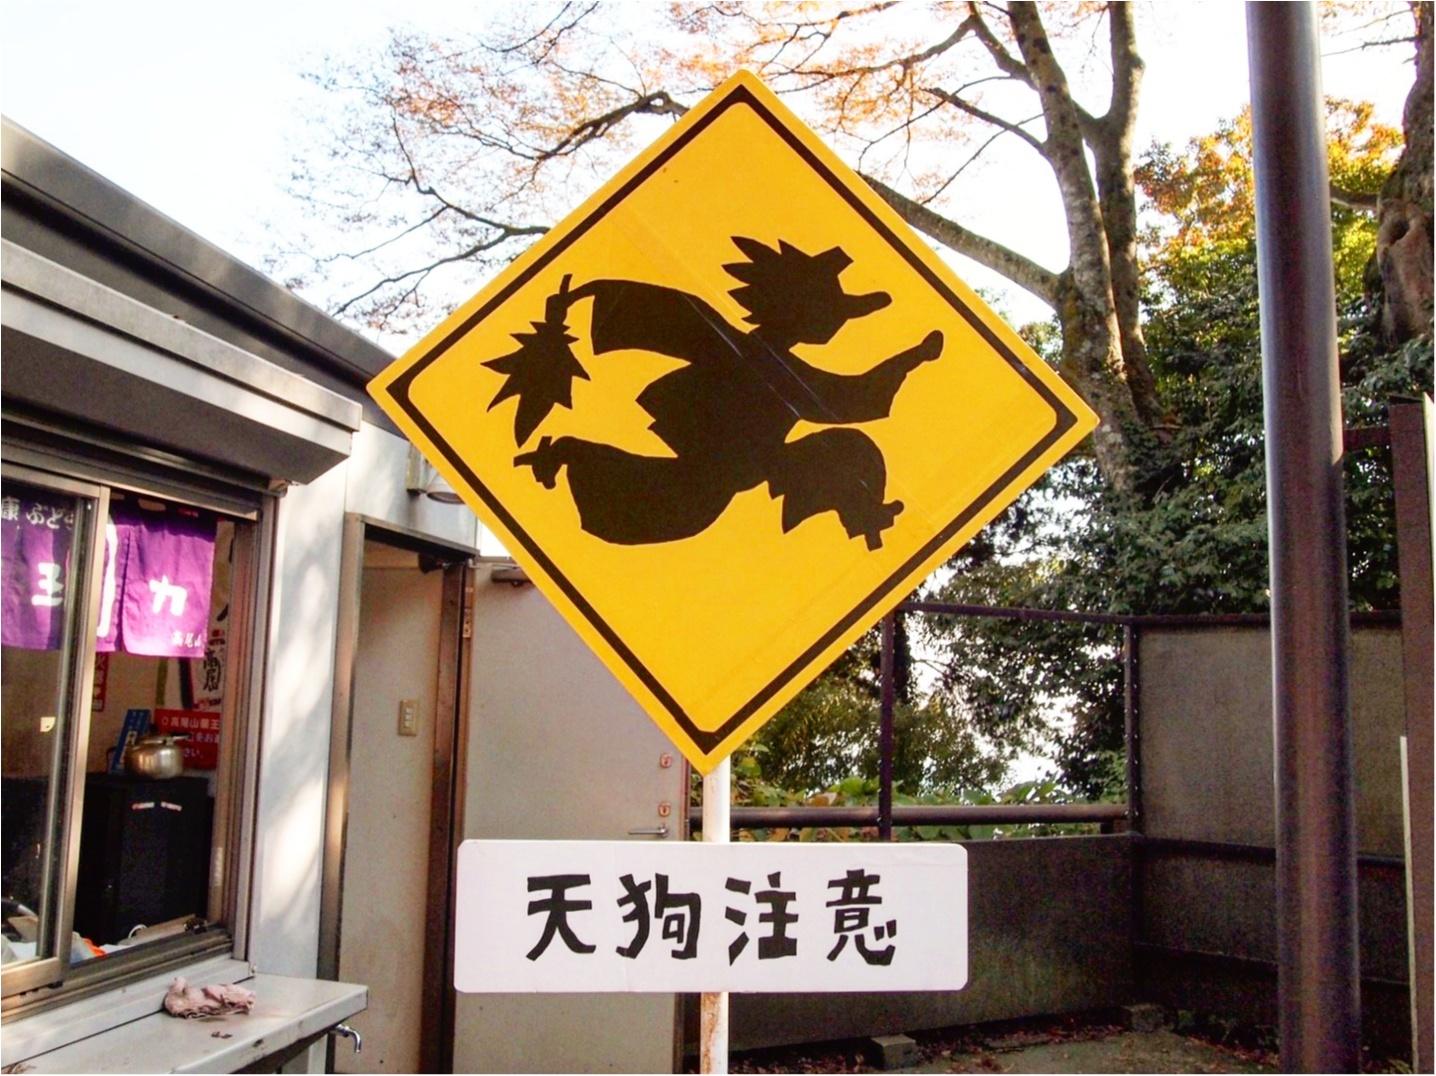 【しの散歩】世界一登山客が多い山!東京の紅葉スポットといえば、やっぱり『高尾山』がおすすめ♪_10